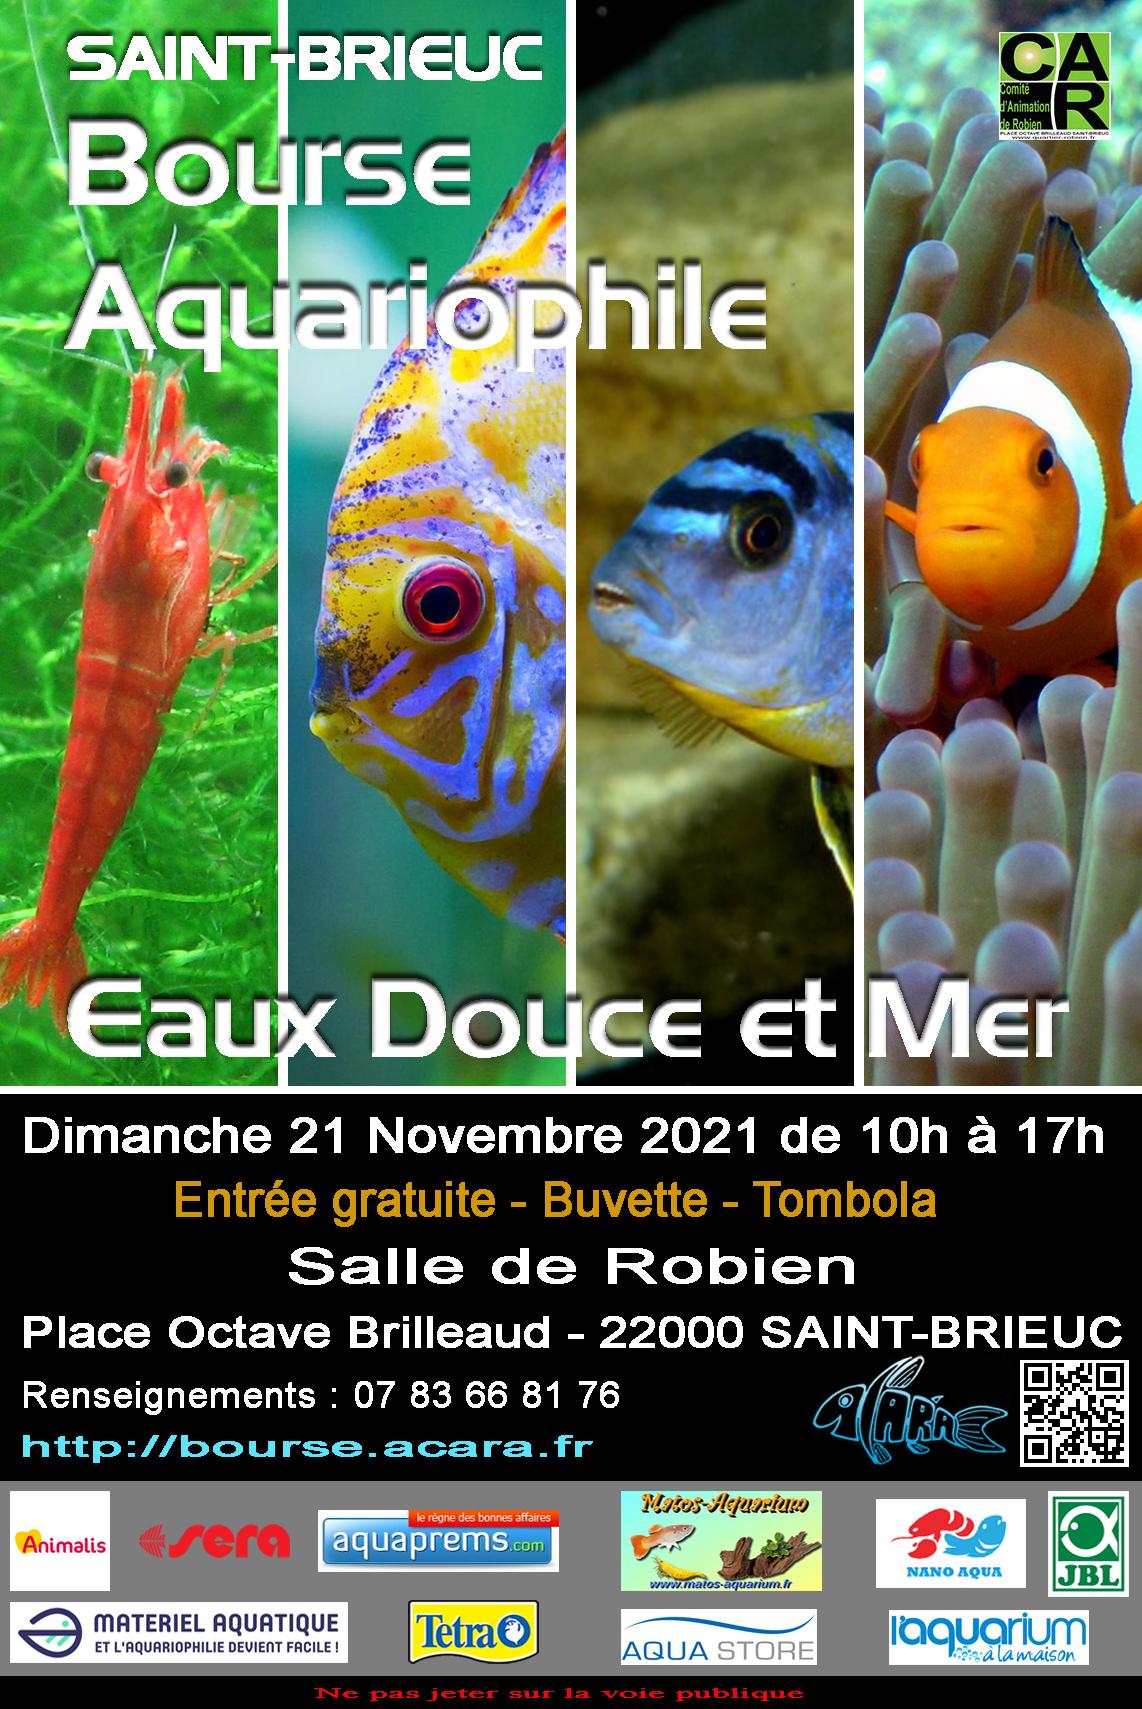 Bourse ACARA St-Brieuc (22) Dimanche 21 Novembre 2021 Bourse_aquariophile_affiche_2021